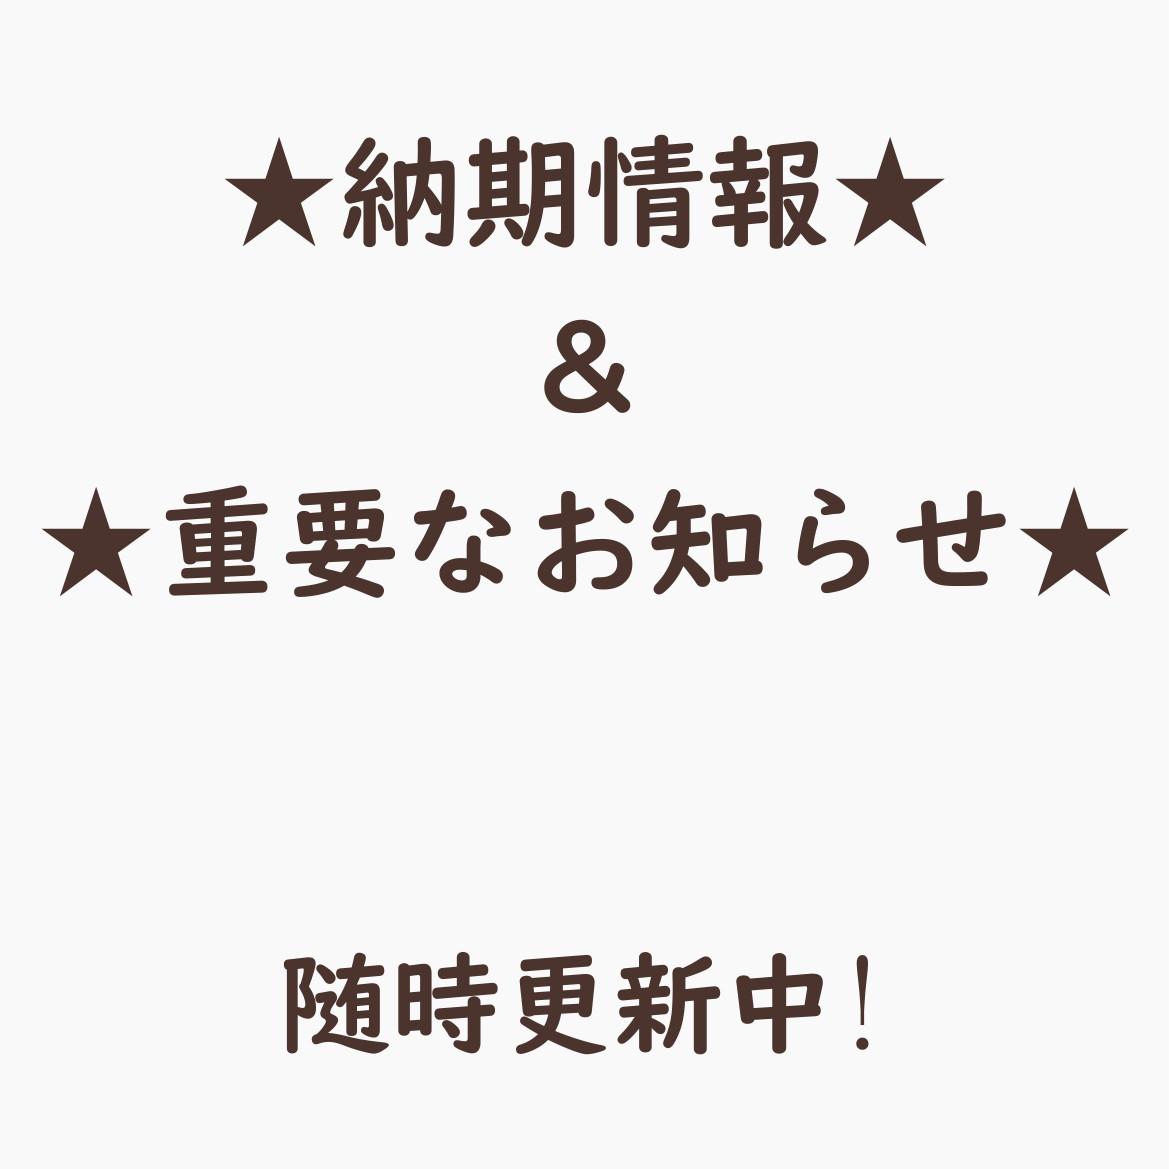 納期情報 & 重要なお知らせ (2021.4.20更新)